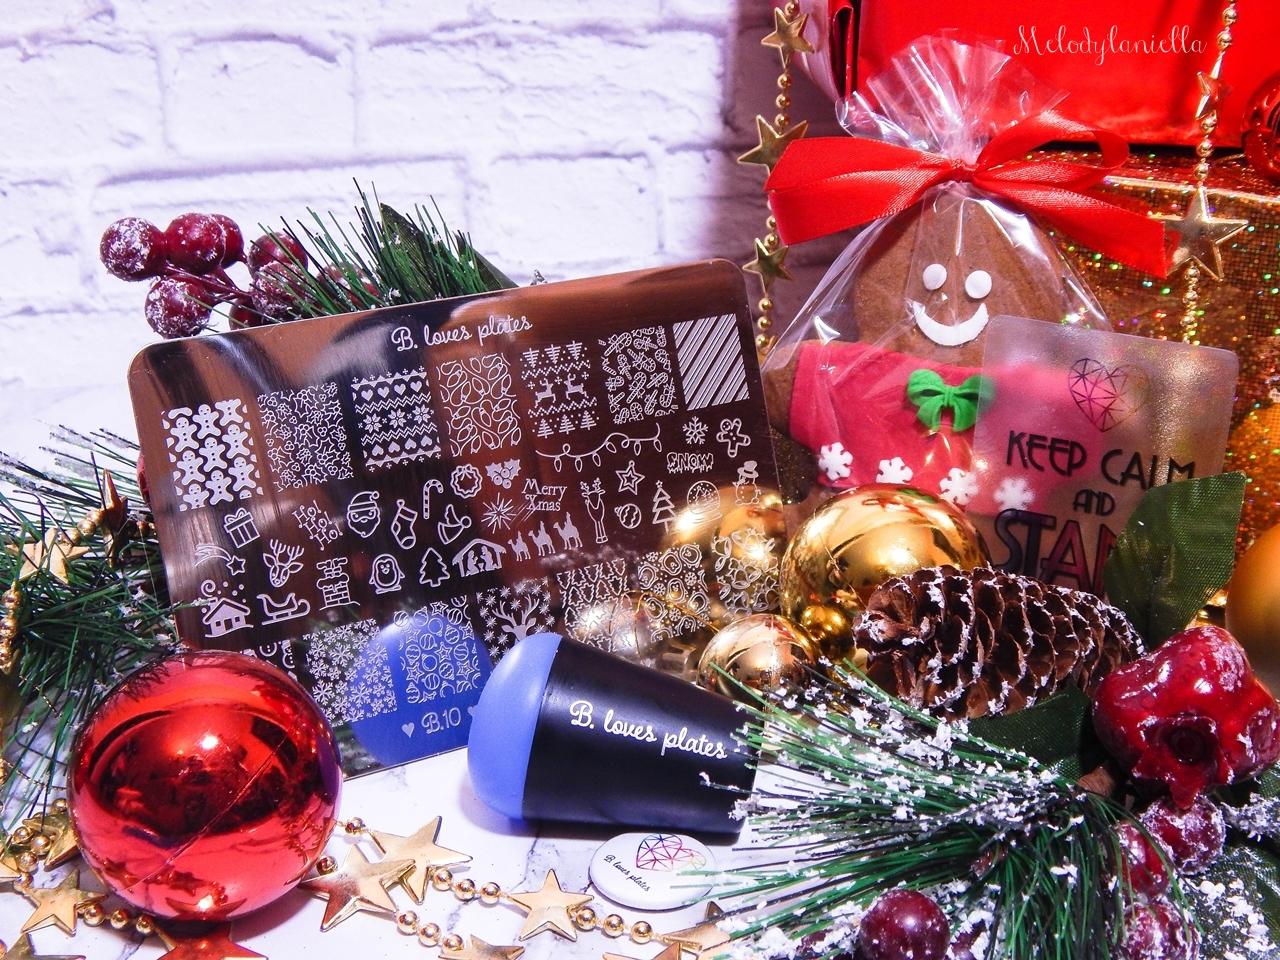 8 pomysł na przent świąteczny dla lakieromaniaczki paznokciowej stemple b love plates stemple na paznokcie dobrej jakości jak robić stemple wzorki ozdoby na paznokciach święta boże narodzenie nietypowe